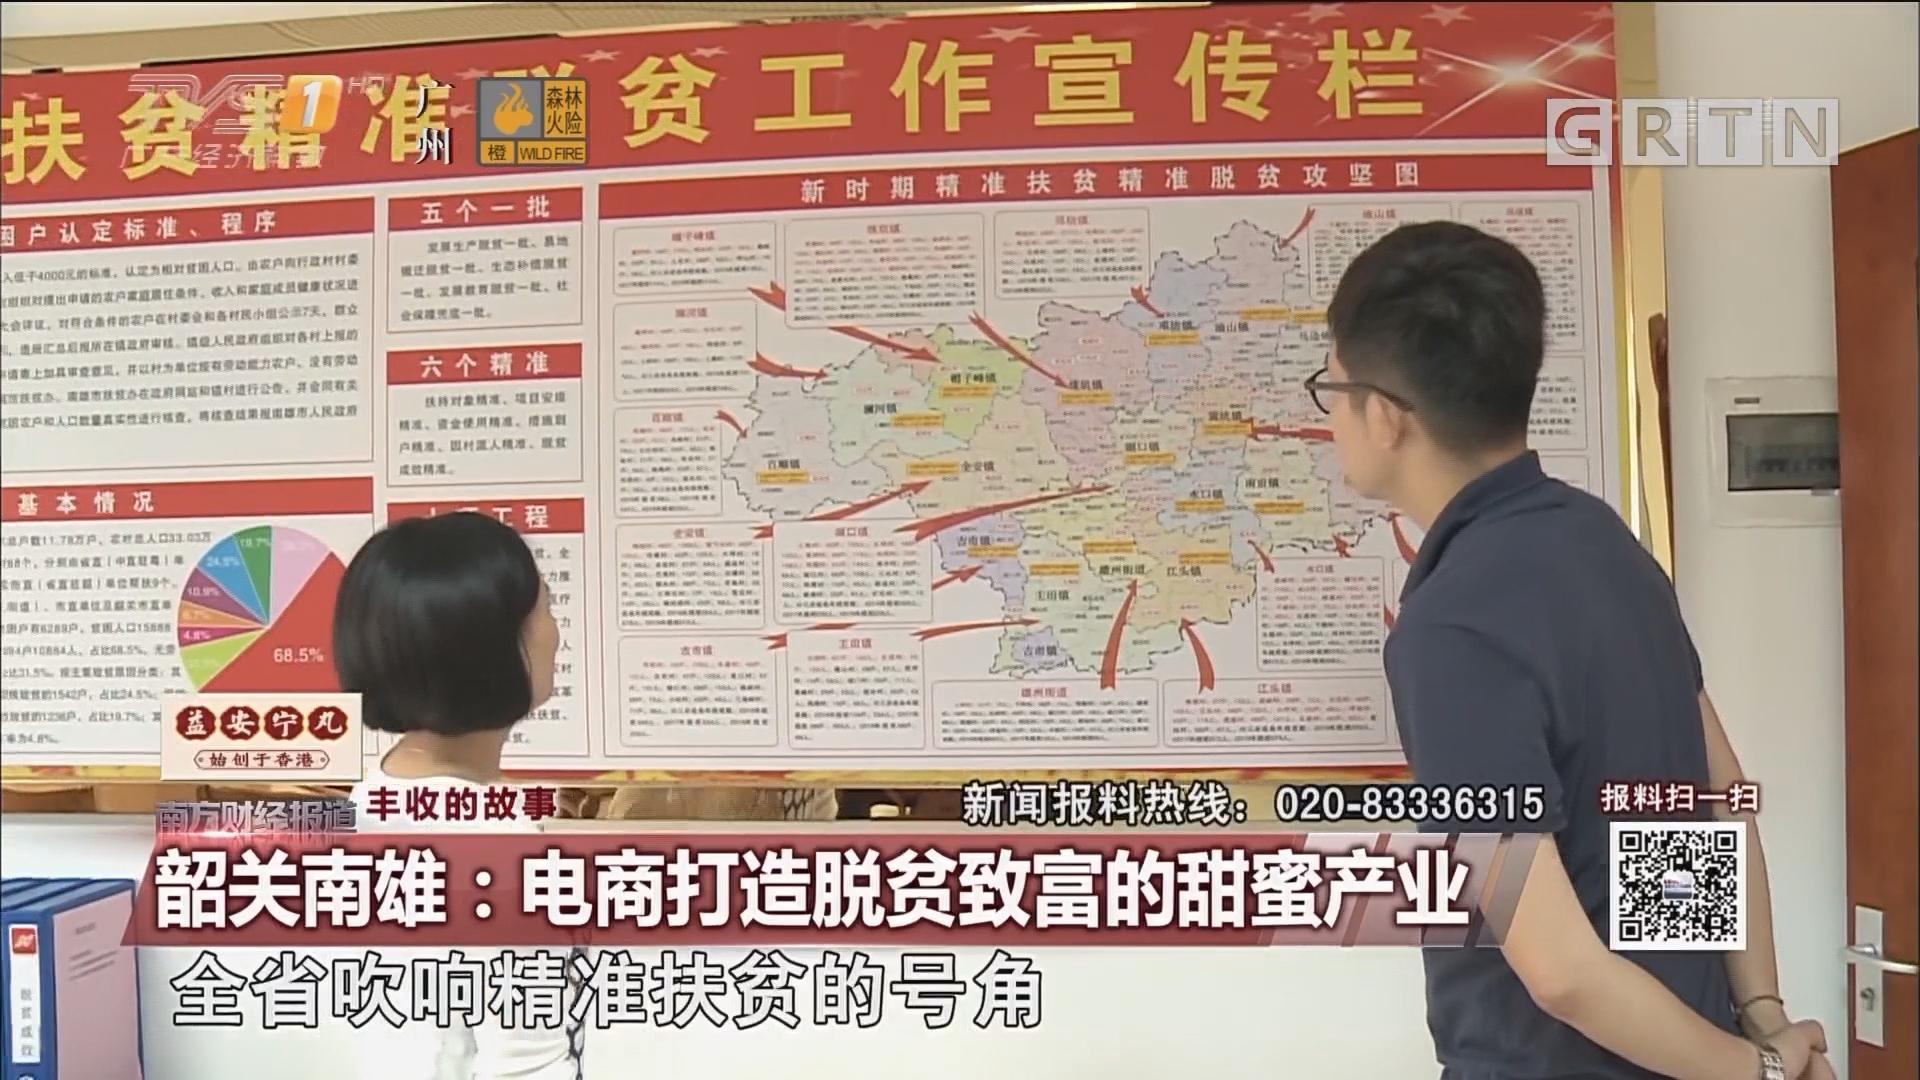 丰收的故事 韶关南雄:电商打造脱贫致富的甜蜜产业(一)